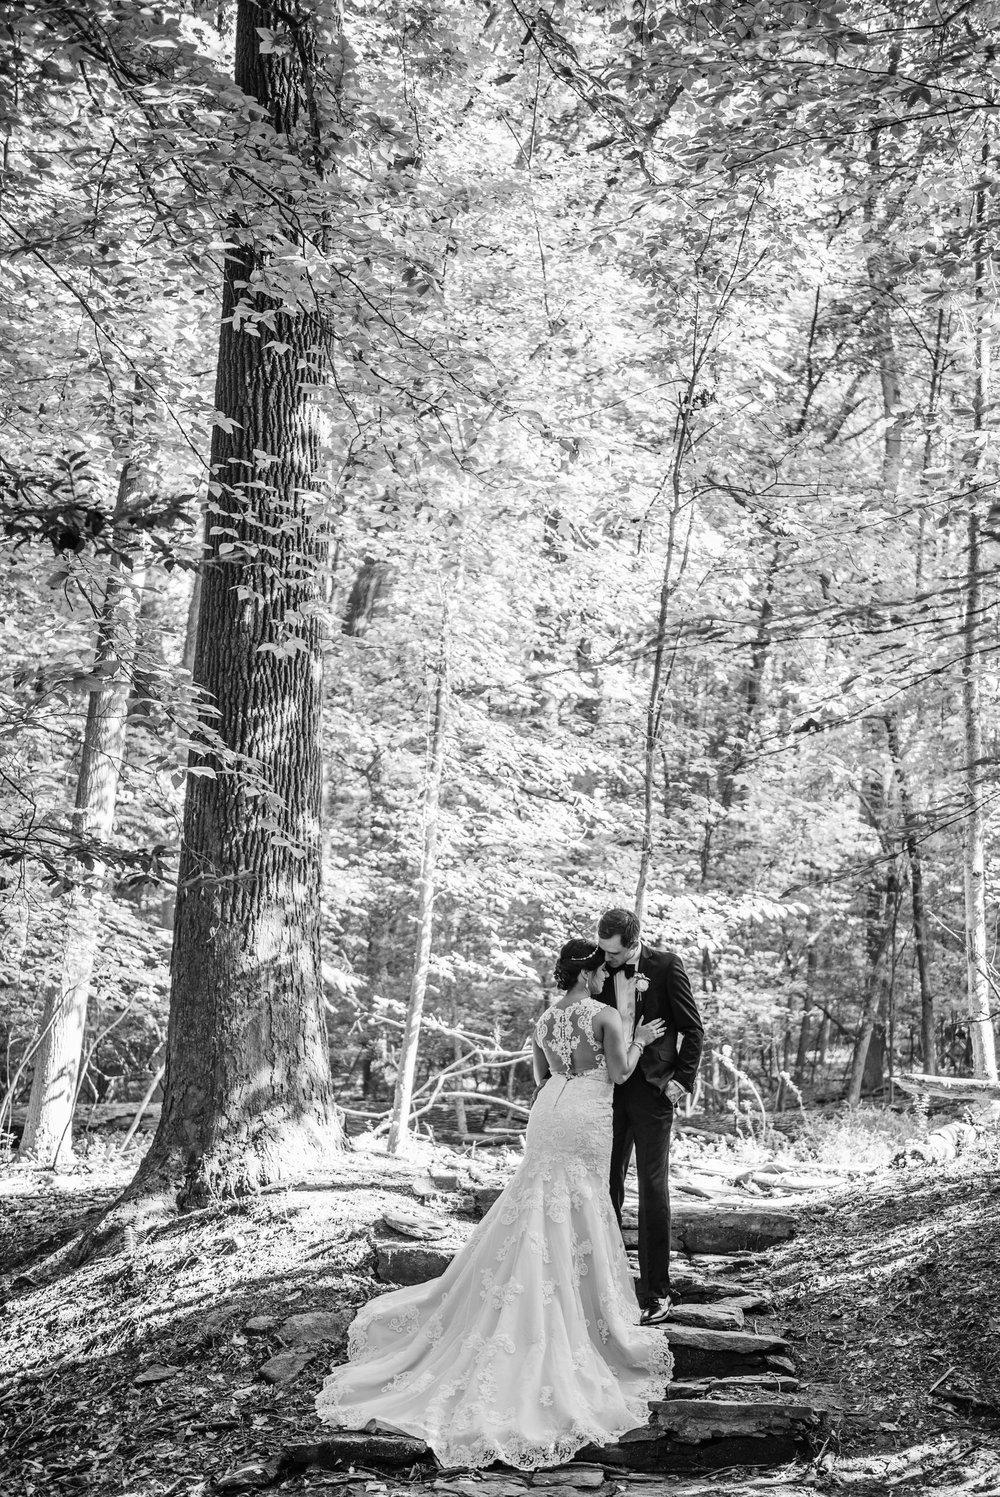 WoodendSantuaryWedding-Ashley&Dennis-391.JPG